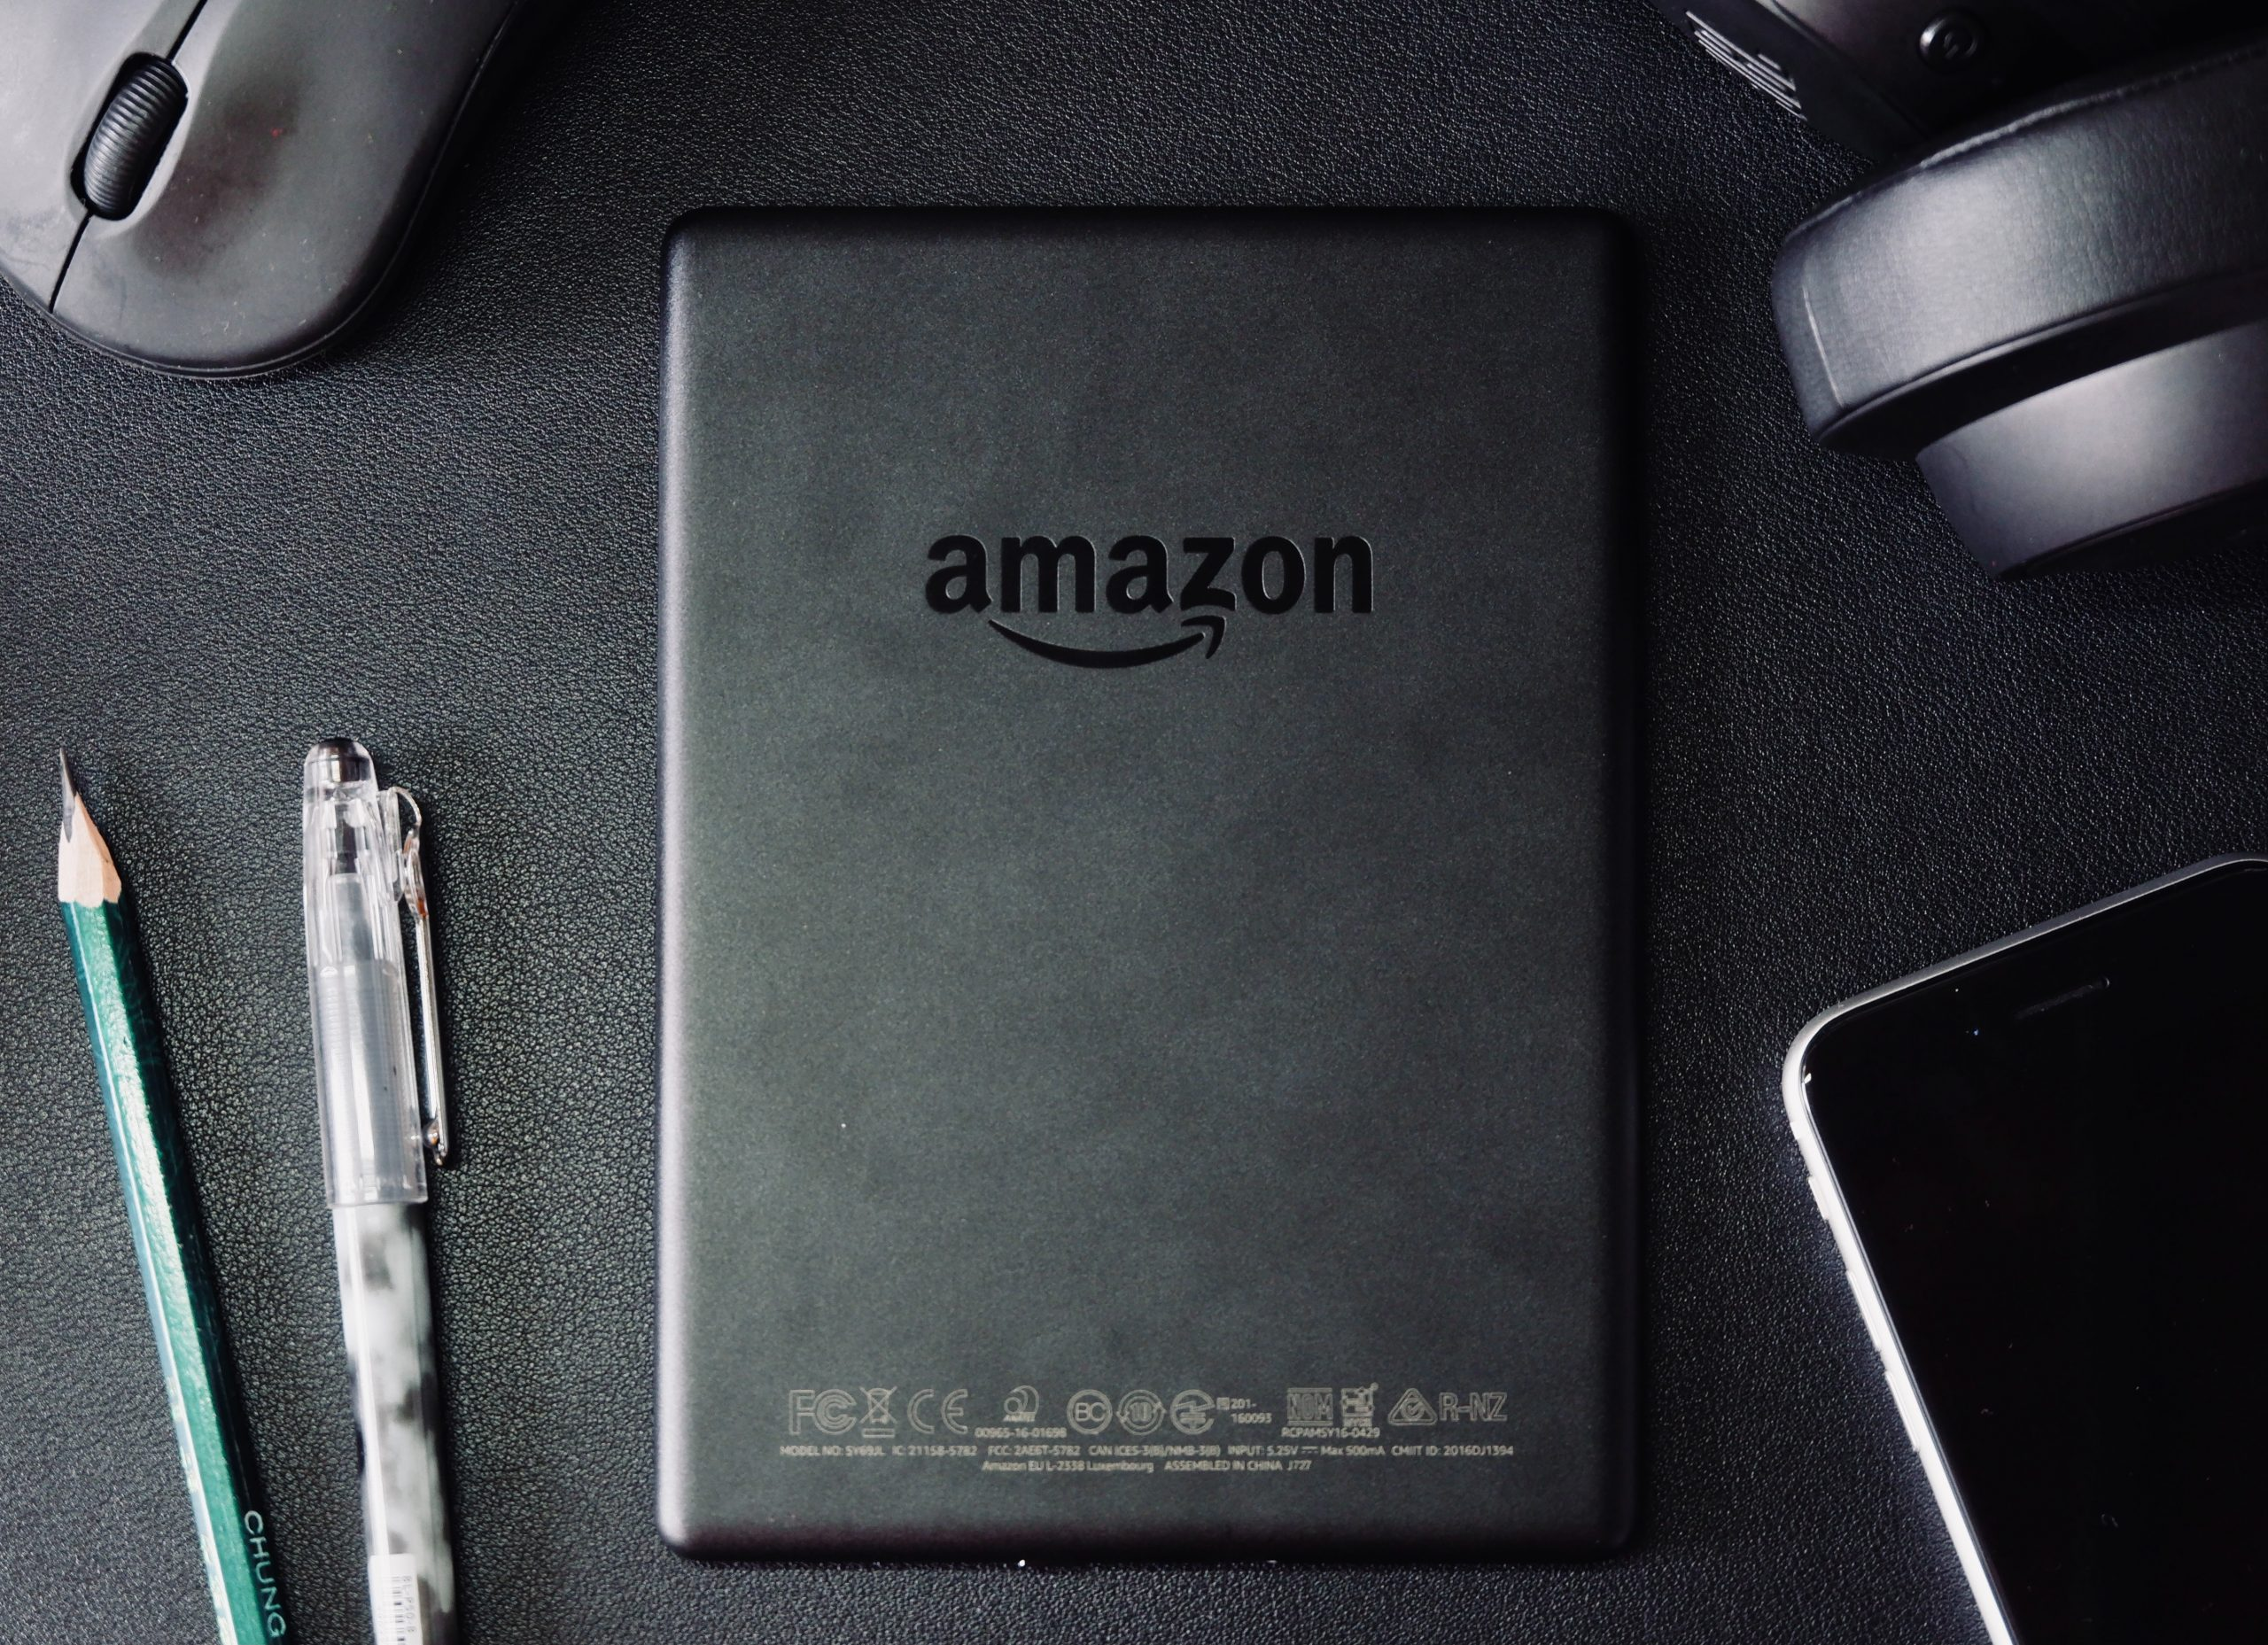 Amazon Kindle esteve vulnerável a controlo malicioso e roubo de informação